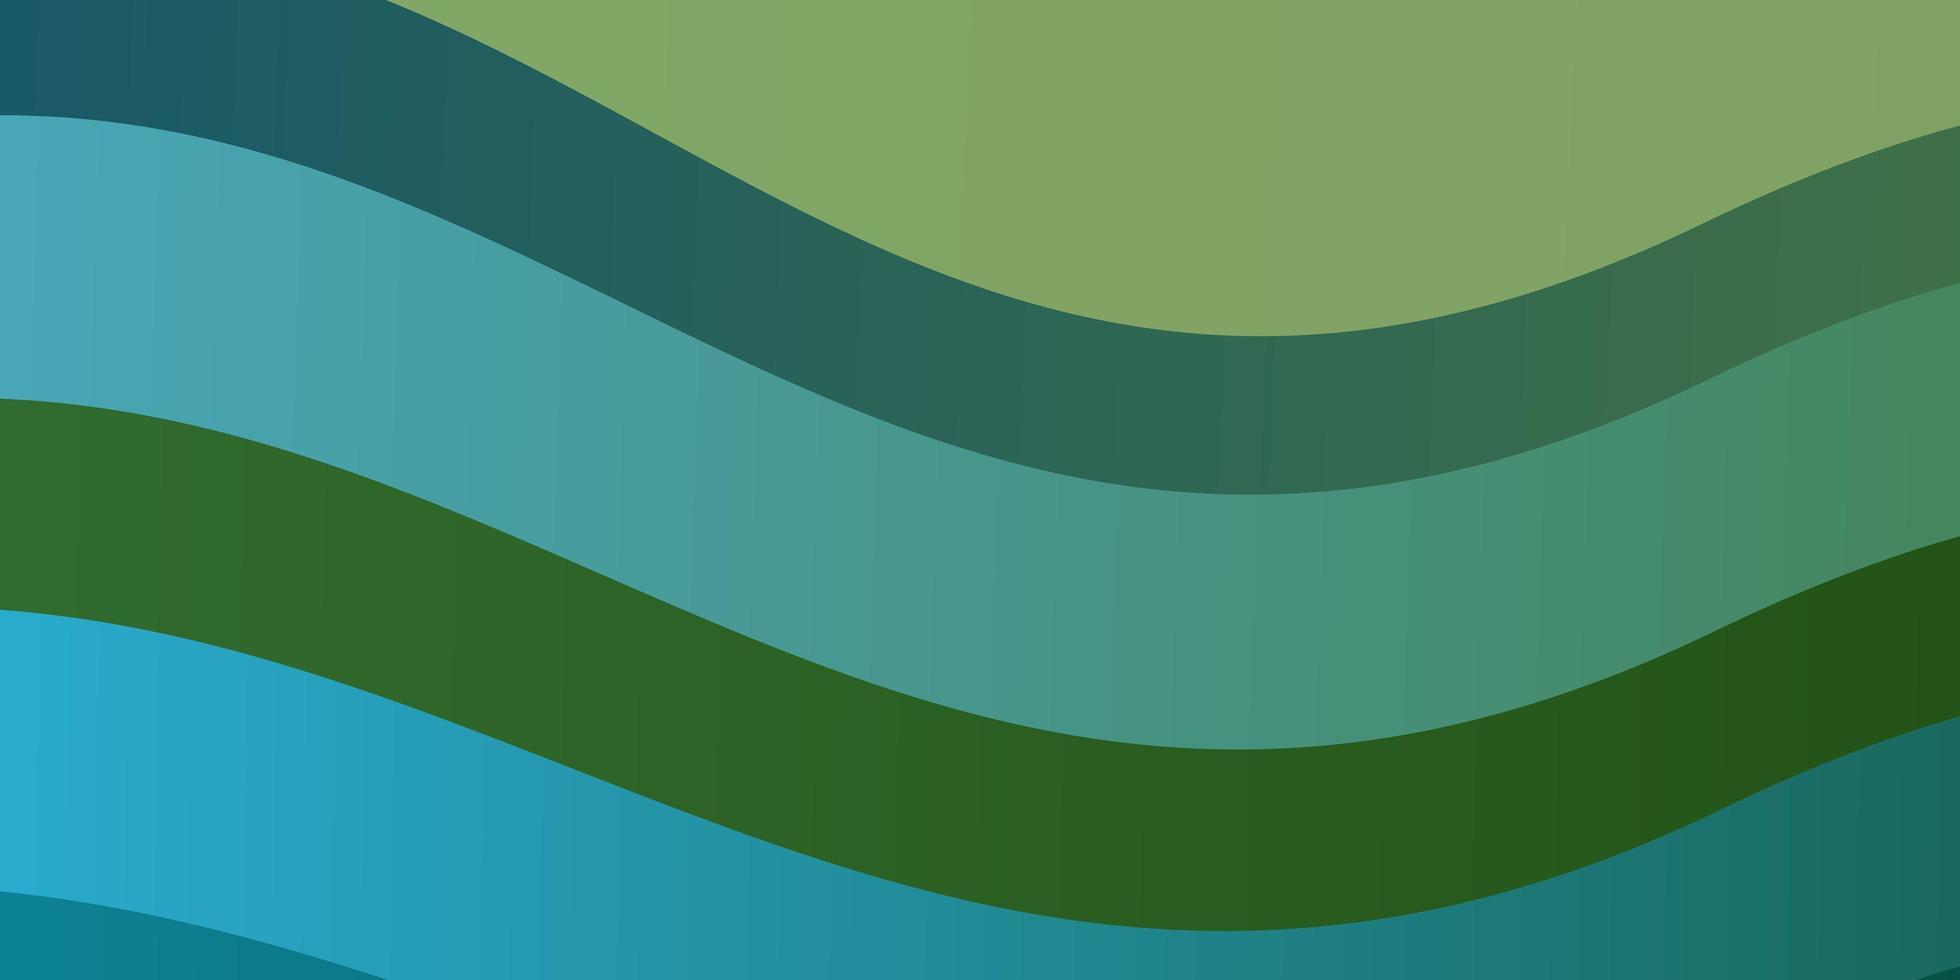 disposition de vecteur bleu clair, vert avec des lignes tordues.